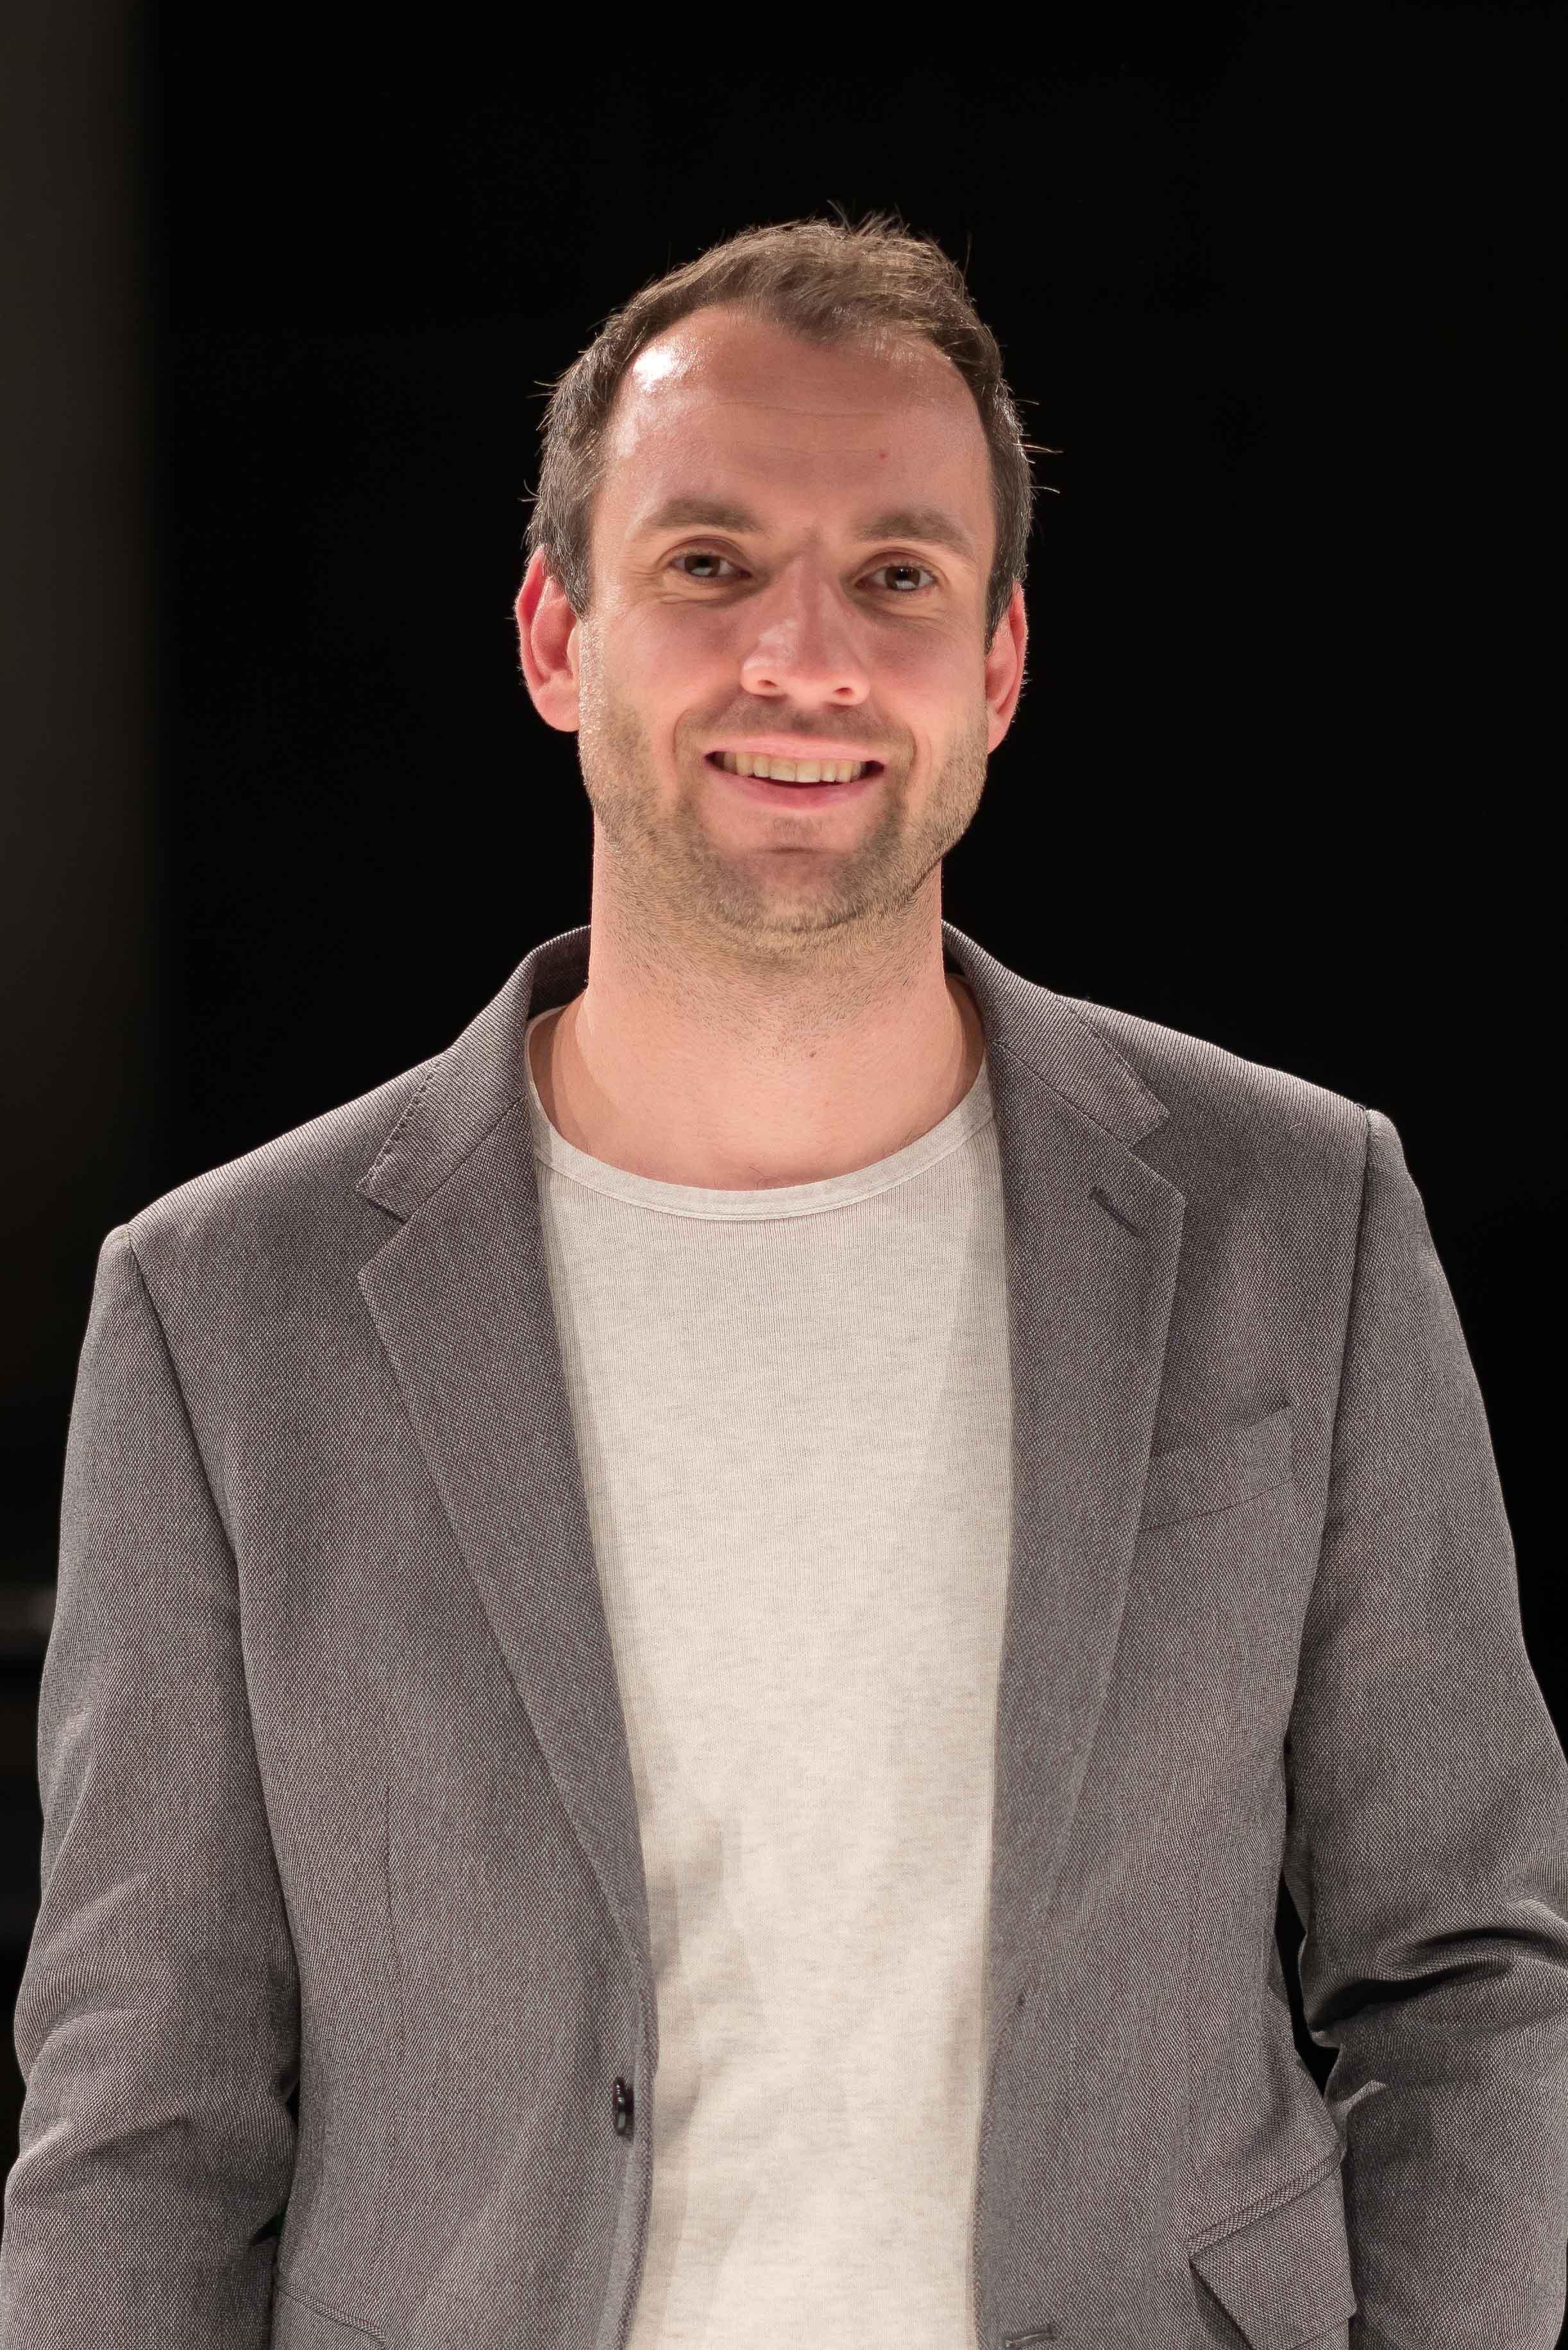 Clemens Lutter